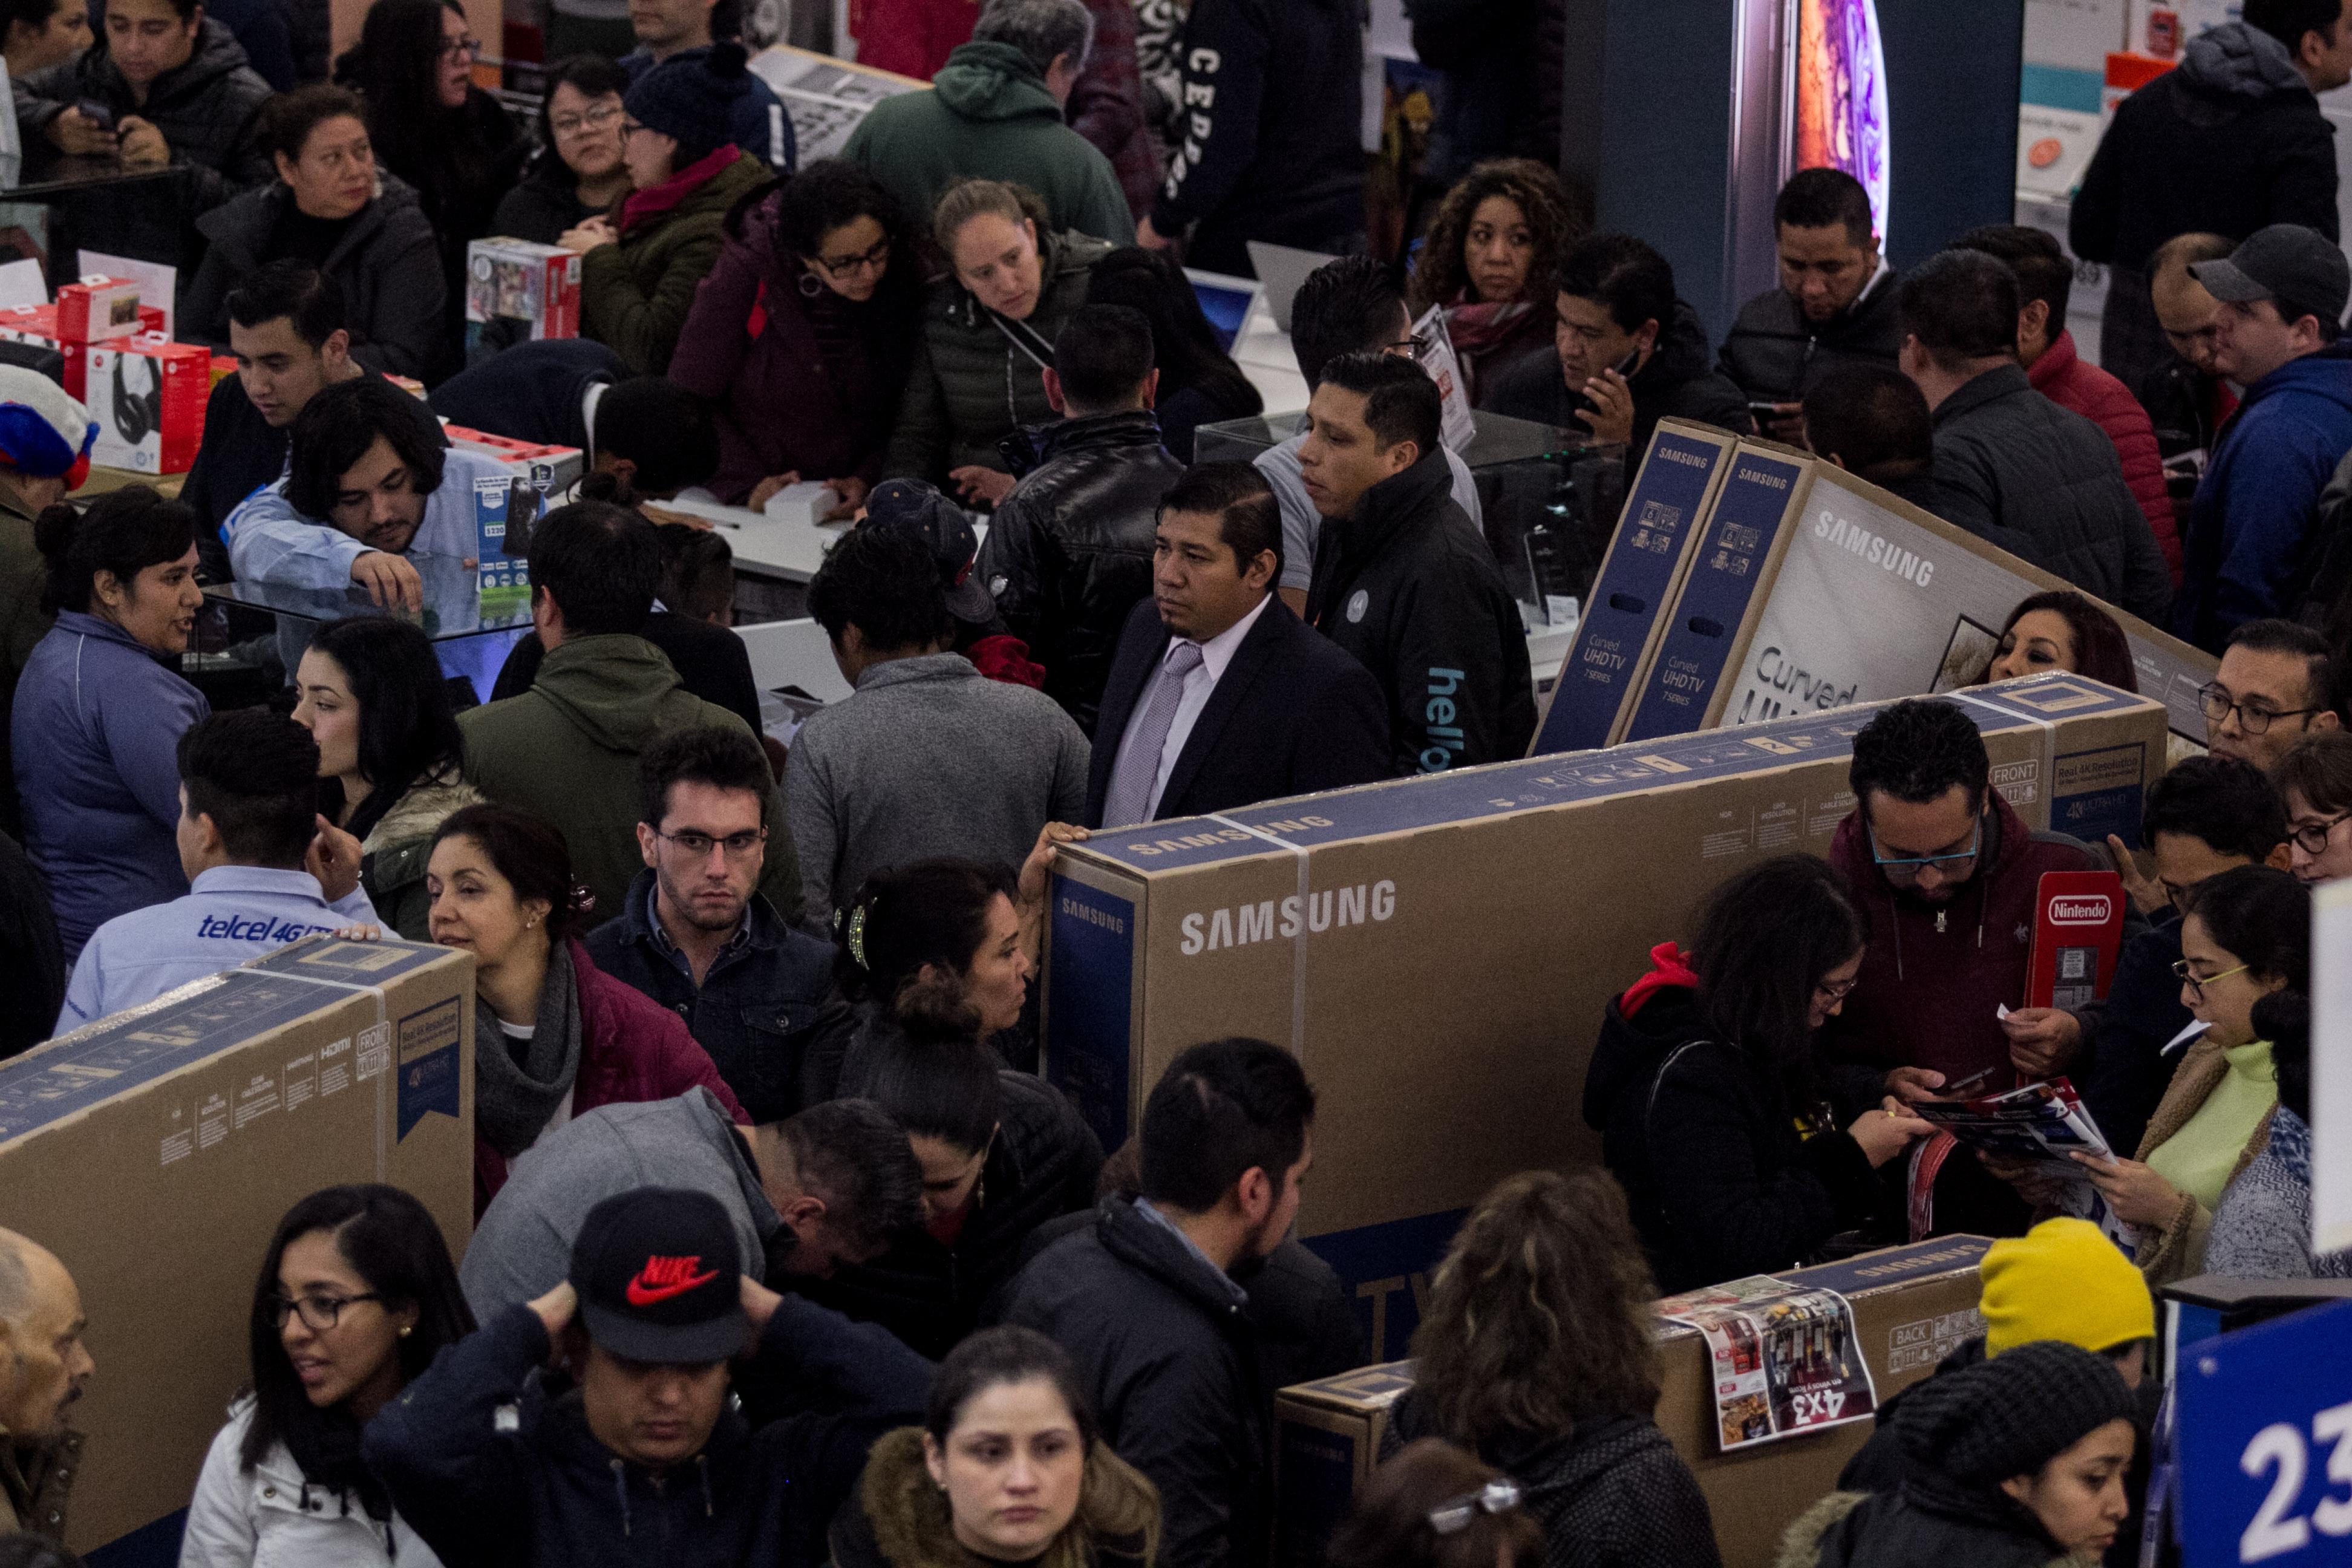 En las tiendas pueden apreciar grandes filas de personas con todo tipo de electrodomésticos (Foto: Cuartoscuro)